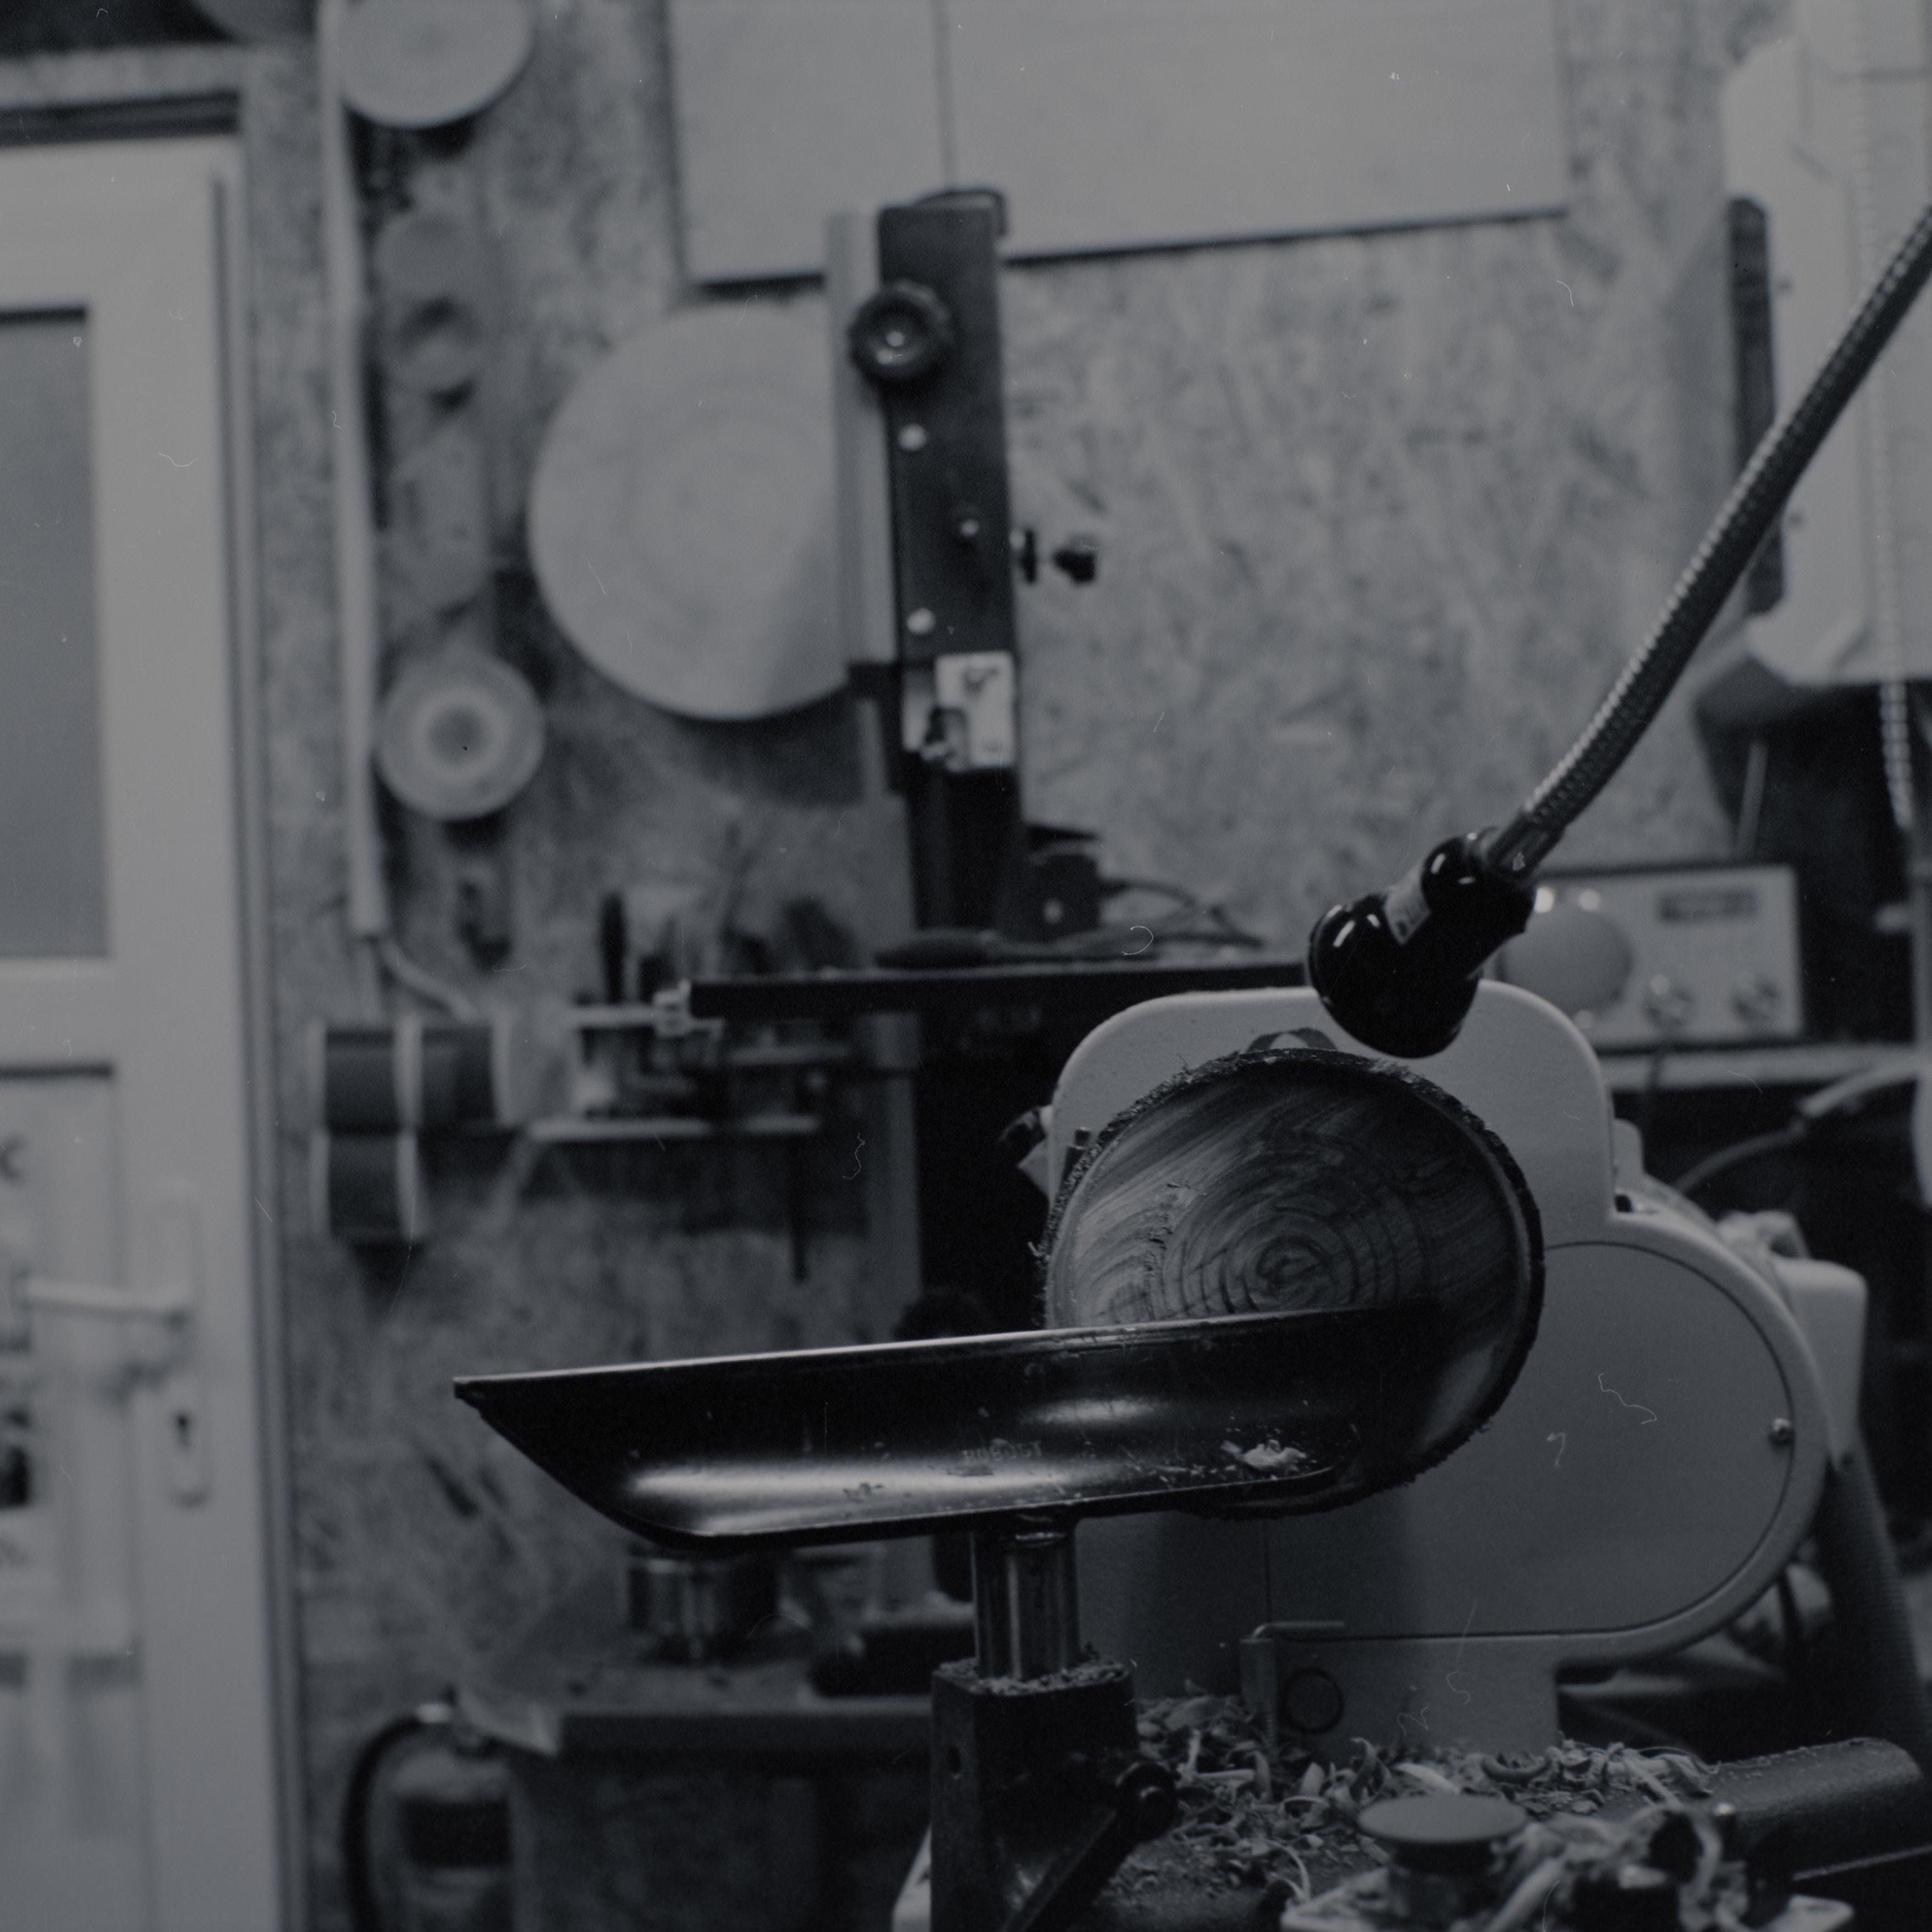 Schale auf Drechselbank - Fotos von Jesper Hilbig aufgenommen mit einer Analogkamera